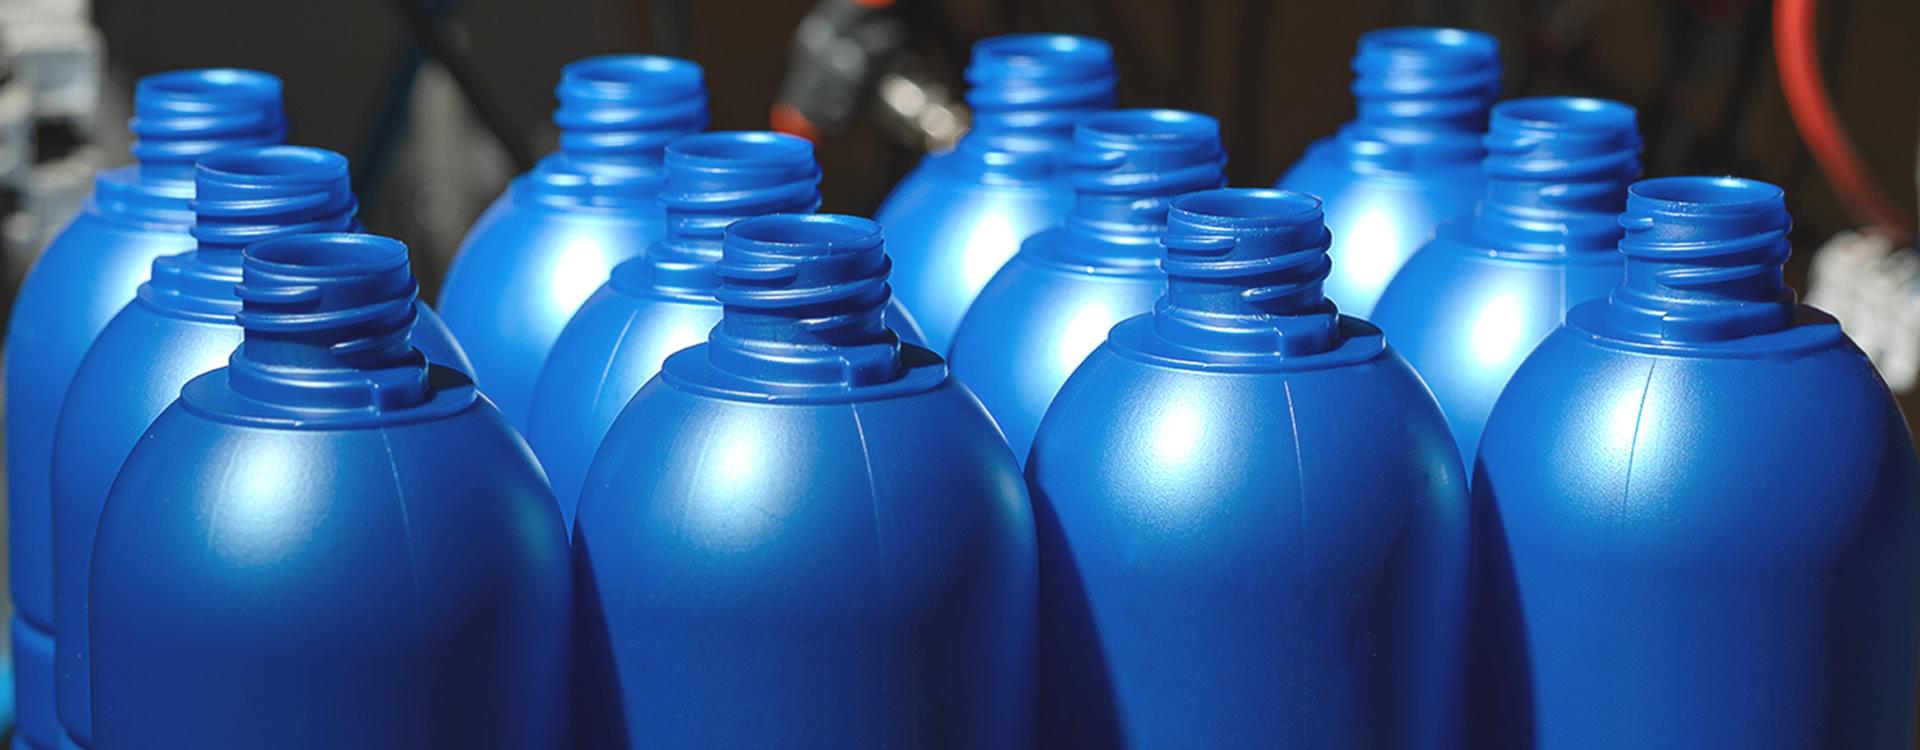 bottle_bluet